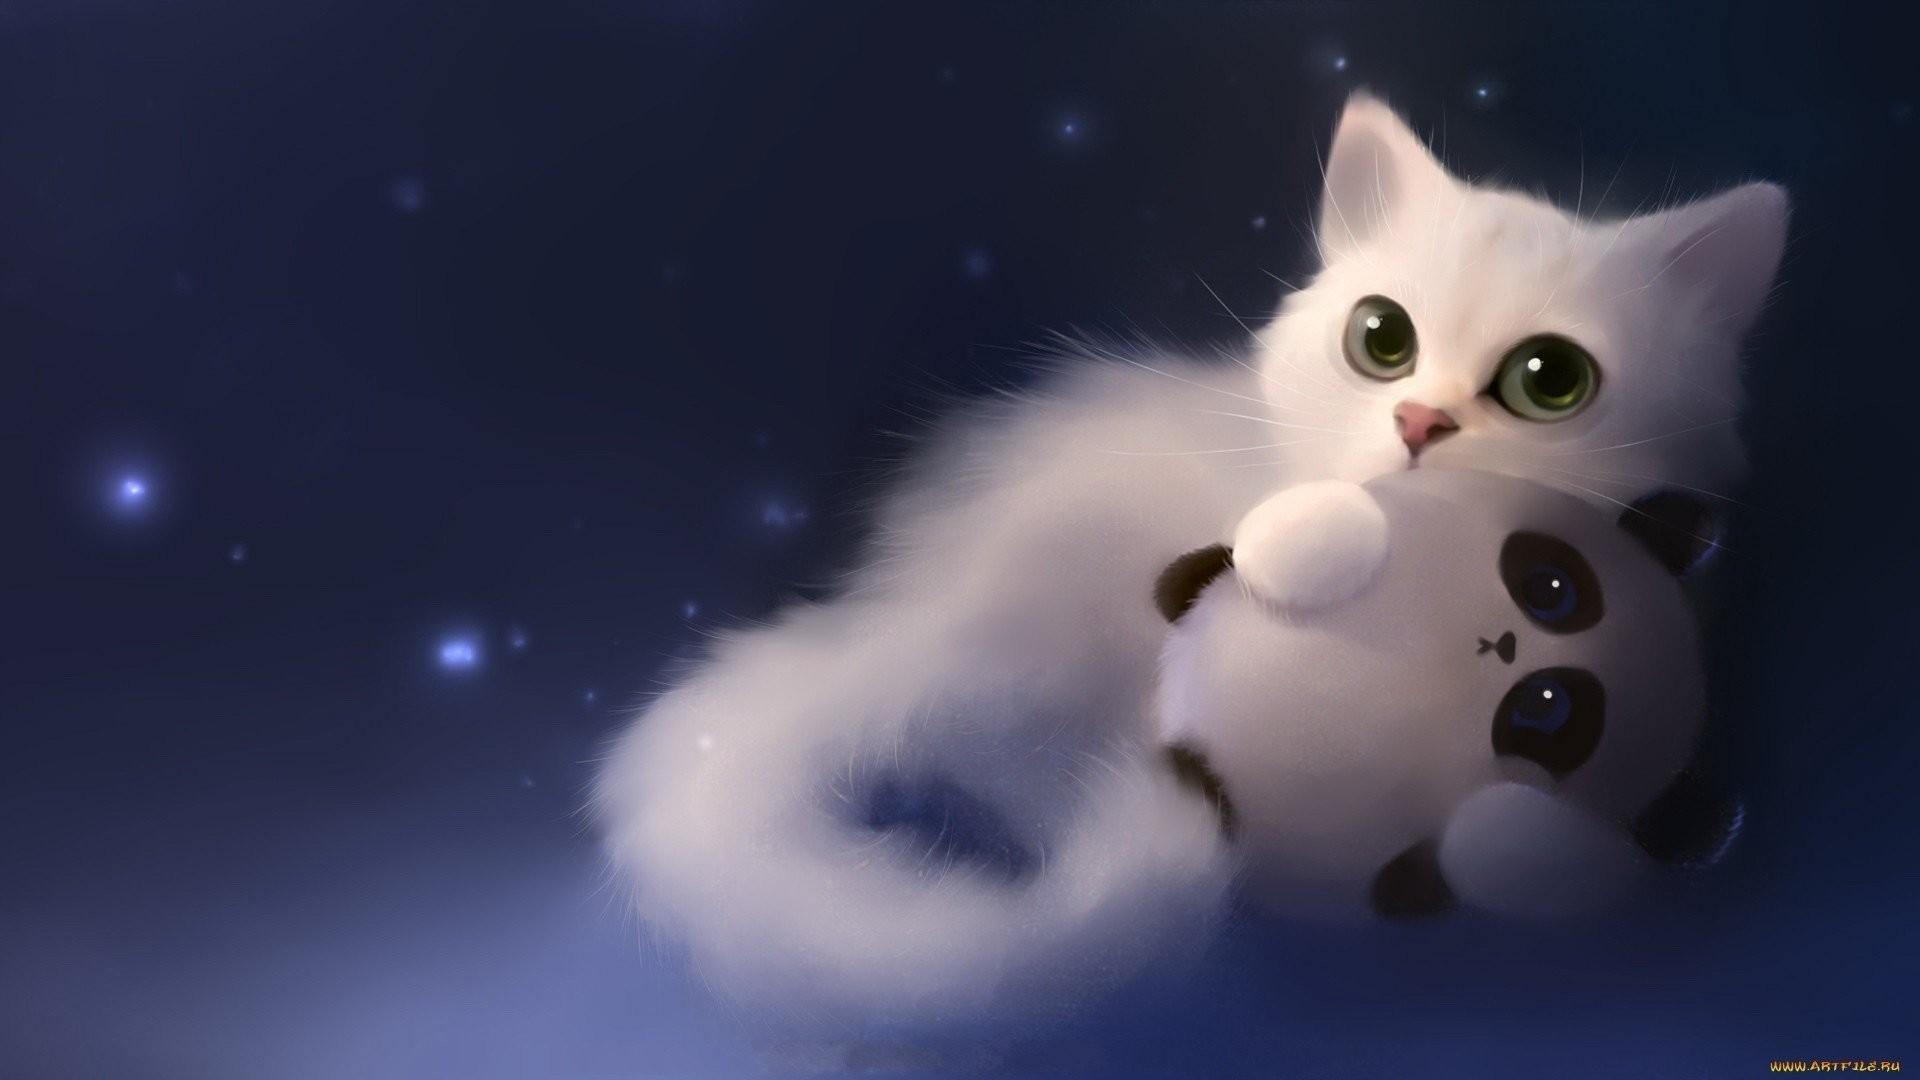 Cute Anime Panda Wallpaper 64 Images